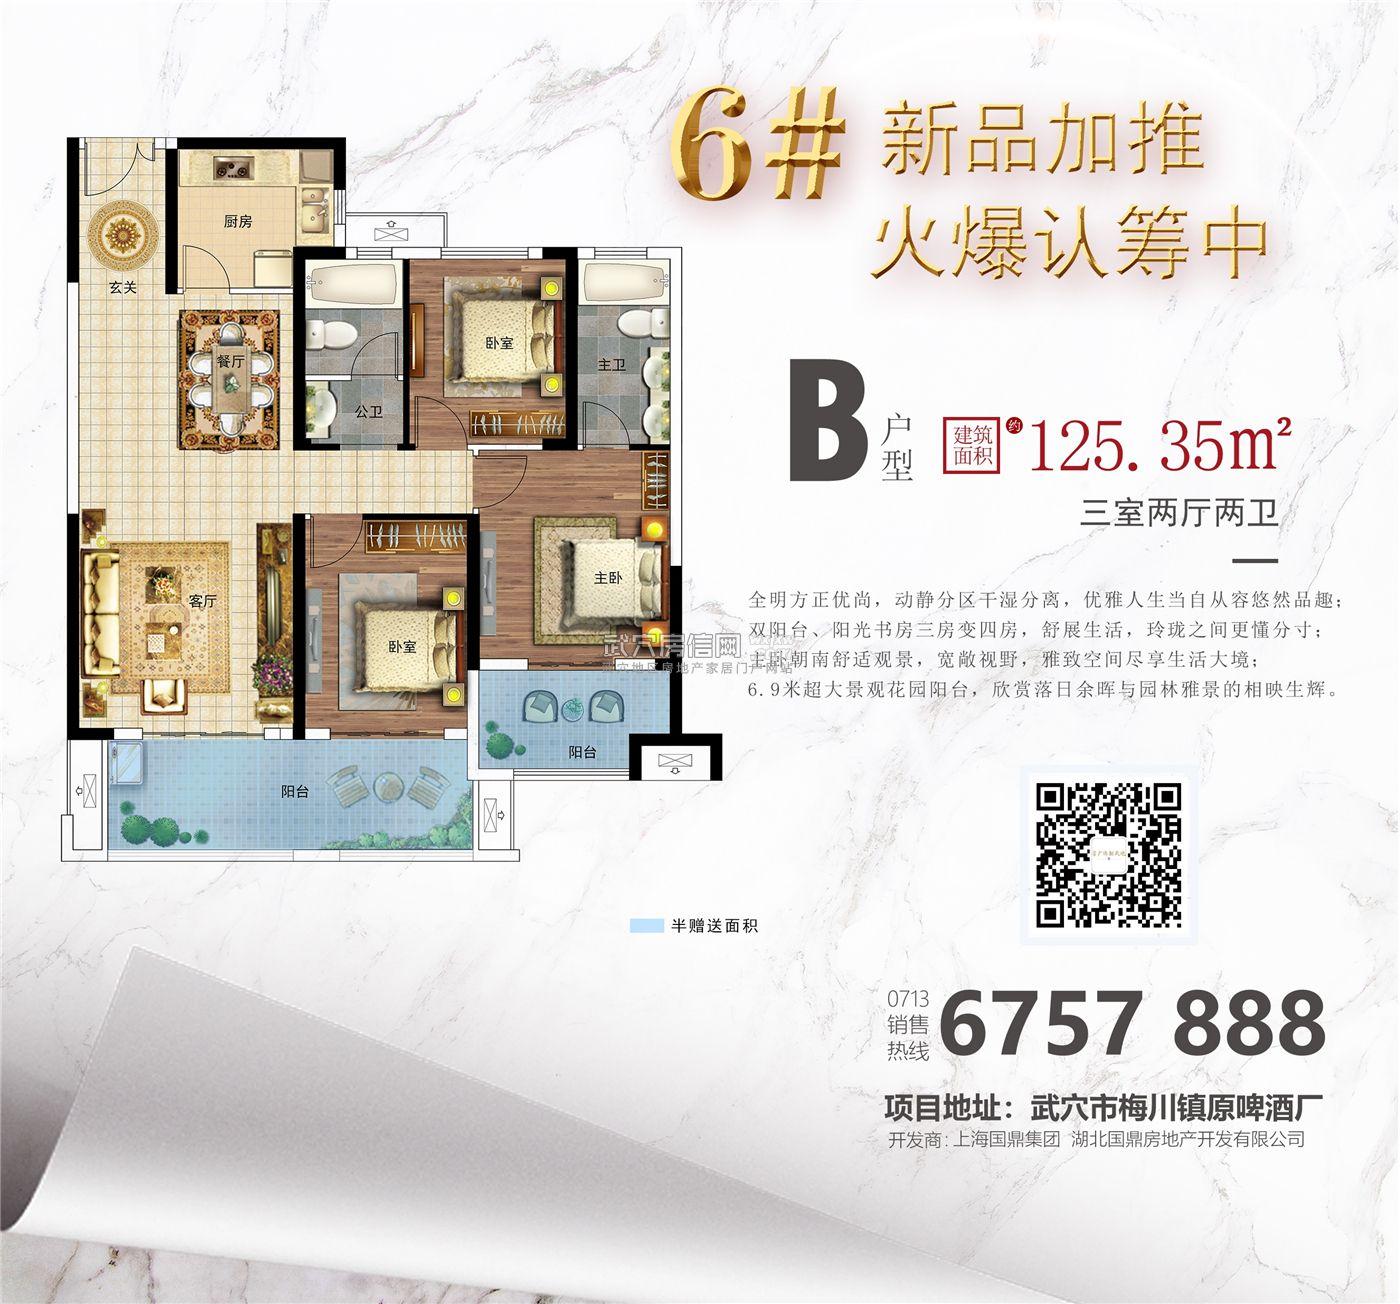 国鼎·广济新天地-6#楼B户型户型